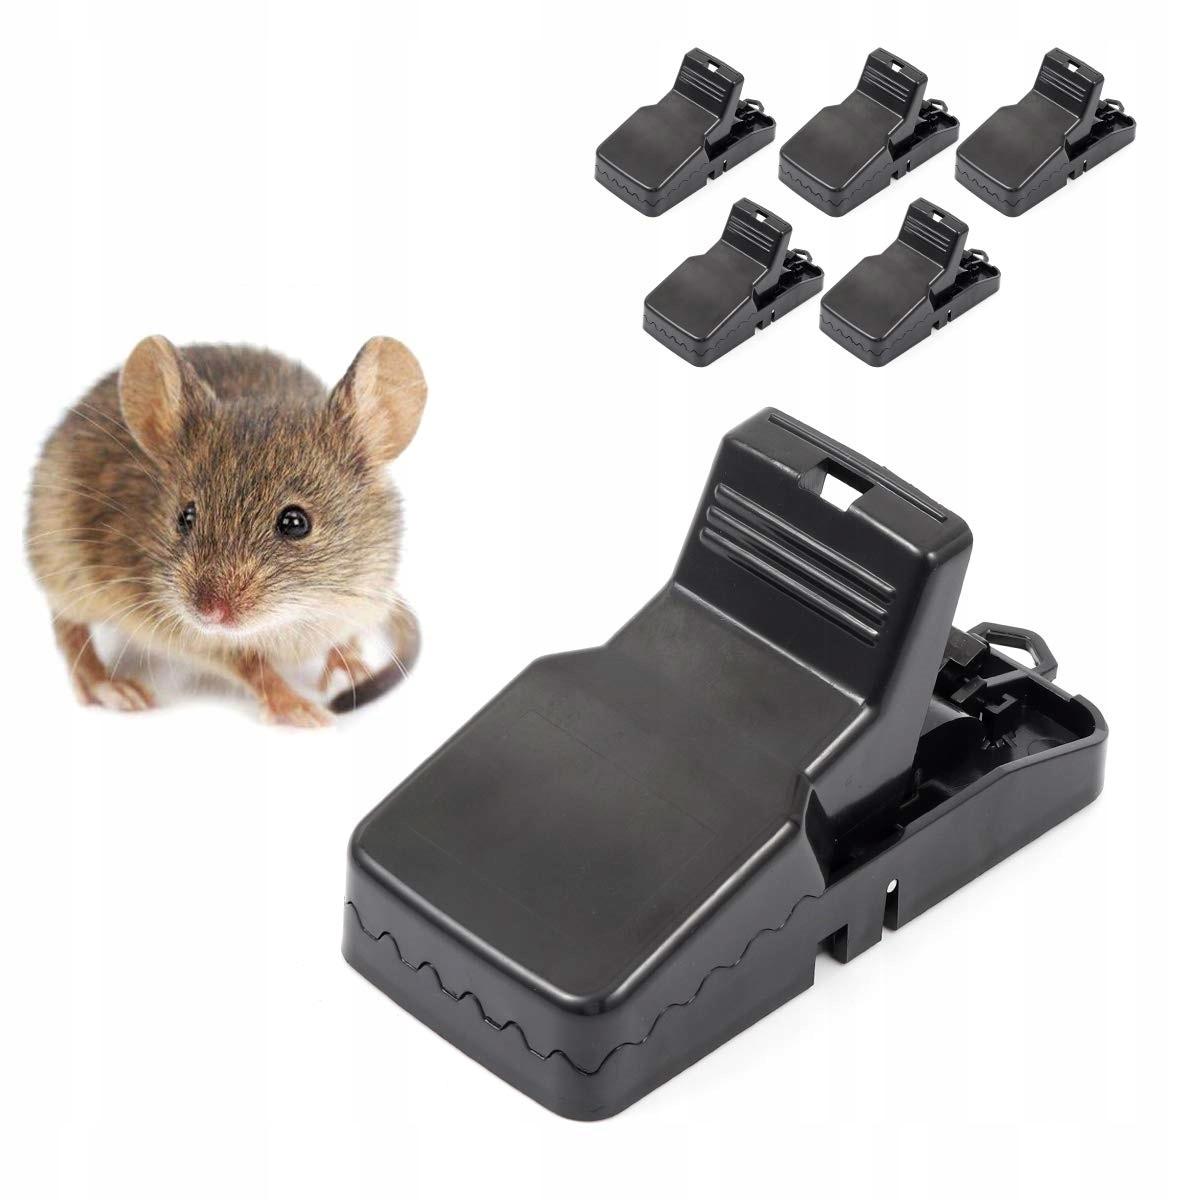 Myszołapka лапка ловушка для мыши gilotynka MENGS